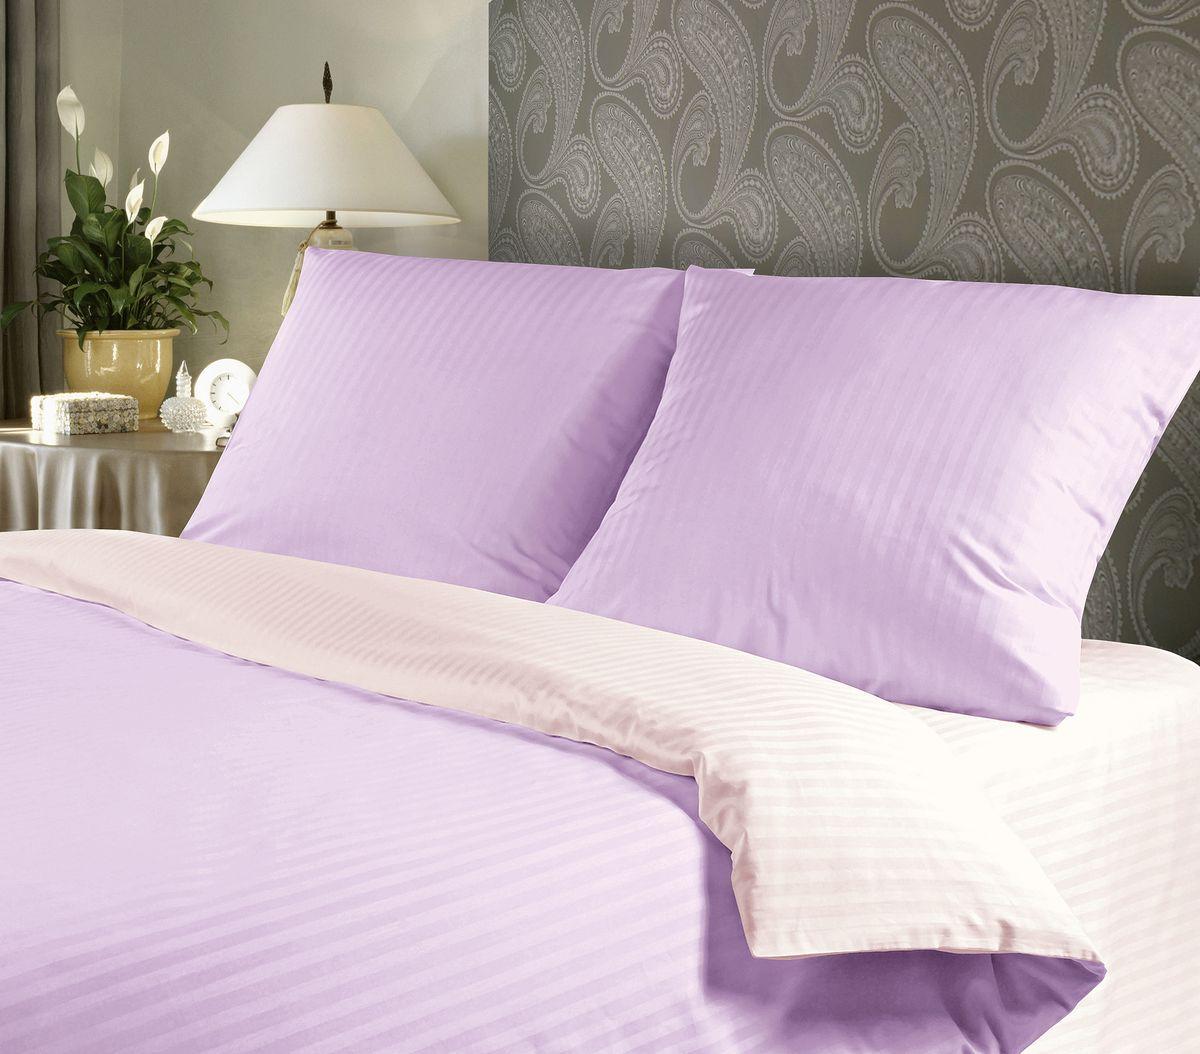 Комплект белья Verossa, 2-спальный, наволочки 70х70, цвет: сиреневый, белыйRC-100BWCСатин - настоящая роскошь для любителей понежиться в постели. Вас манит его блеск, завораживает гладкость, ласкает мягкость, и каждая минута с ним - истинное наслаждение.Тонкая пряжа и атласное переплетение нитей обеспечивают сатину мягкость и деликатность.Легкий блеск сатина делает дизайны живыми и переливающимися.100% хлопок, не электризуется и отлично пропускает воздух, ткань дышит.Легко стирается и практически не требует глажения.Не линяет, не изменяет вид после многочисленных стирок.